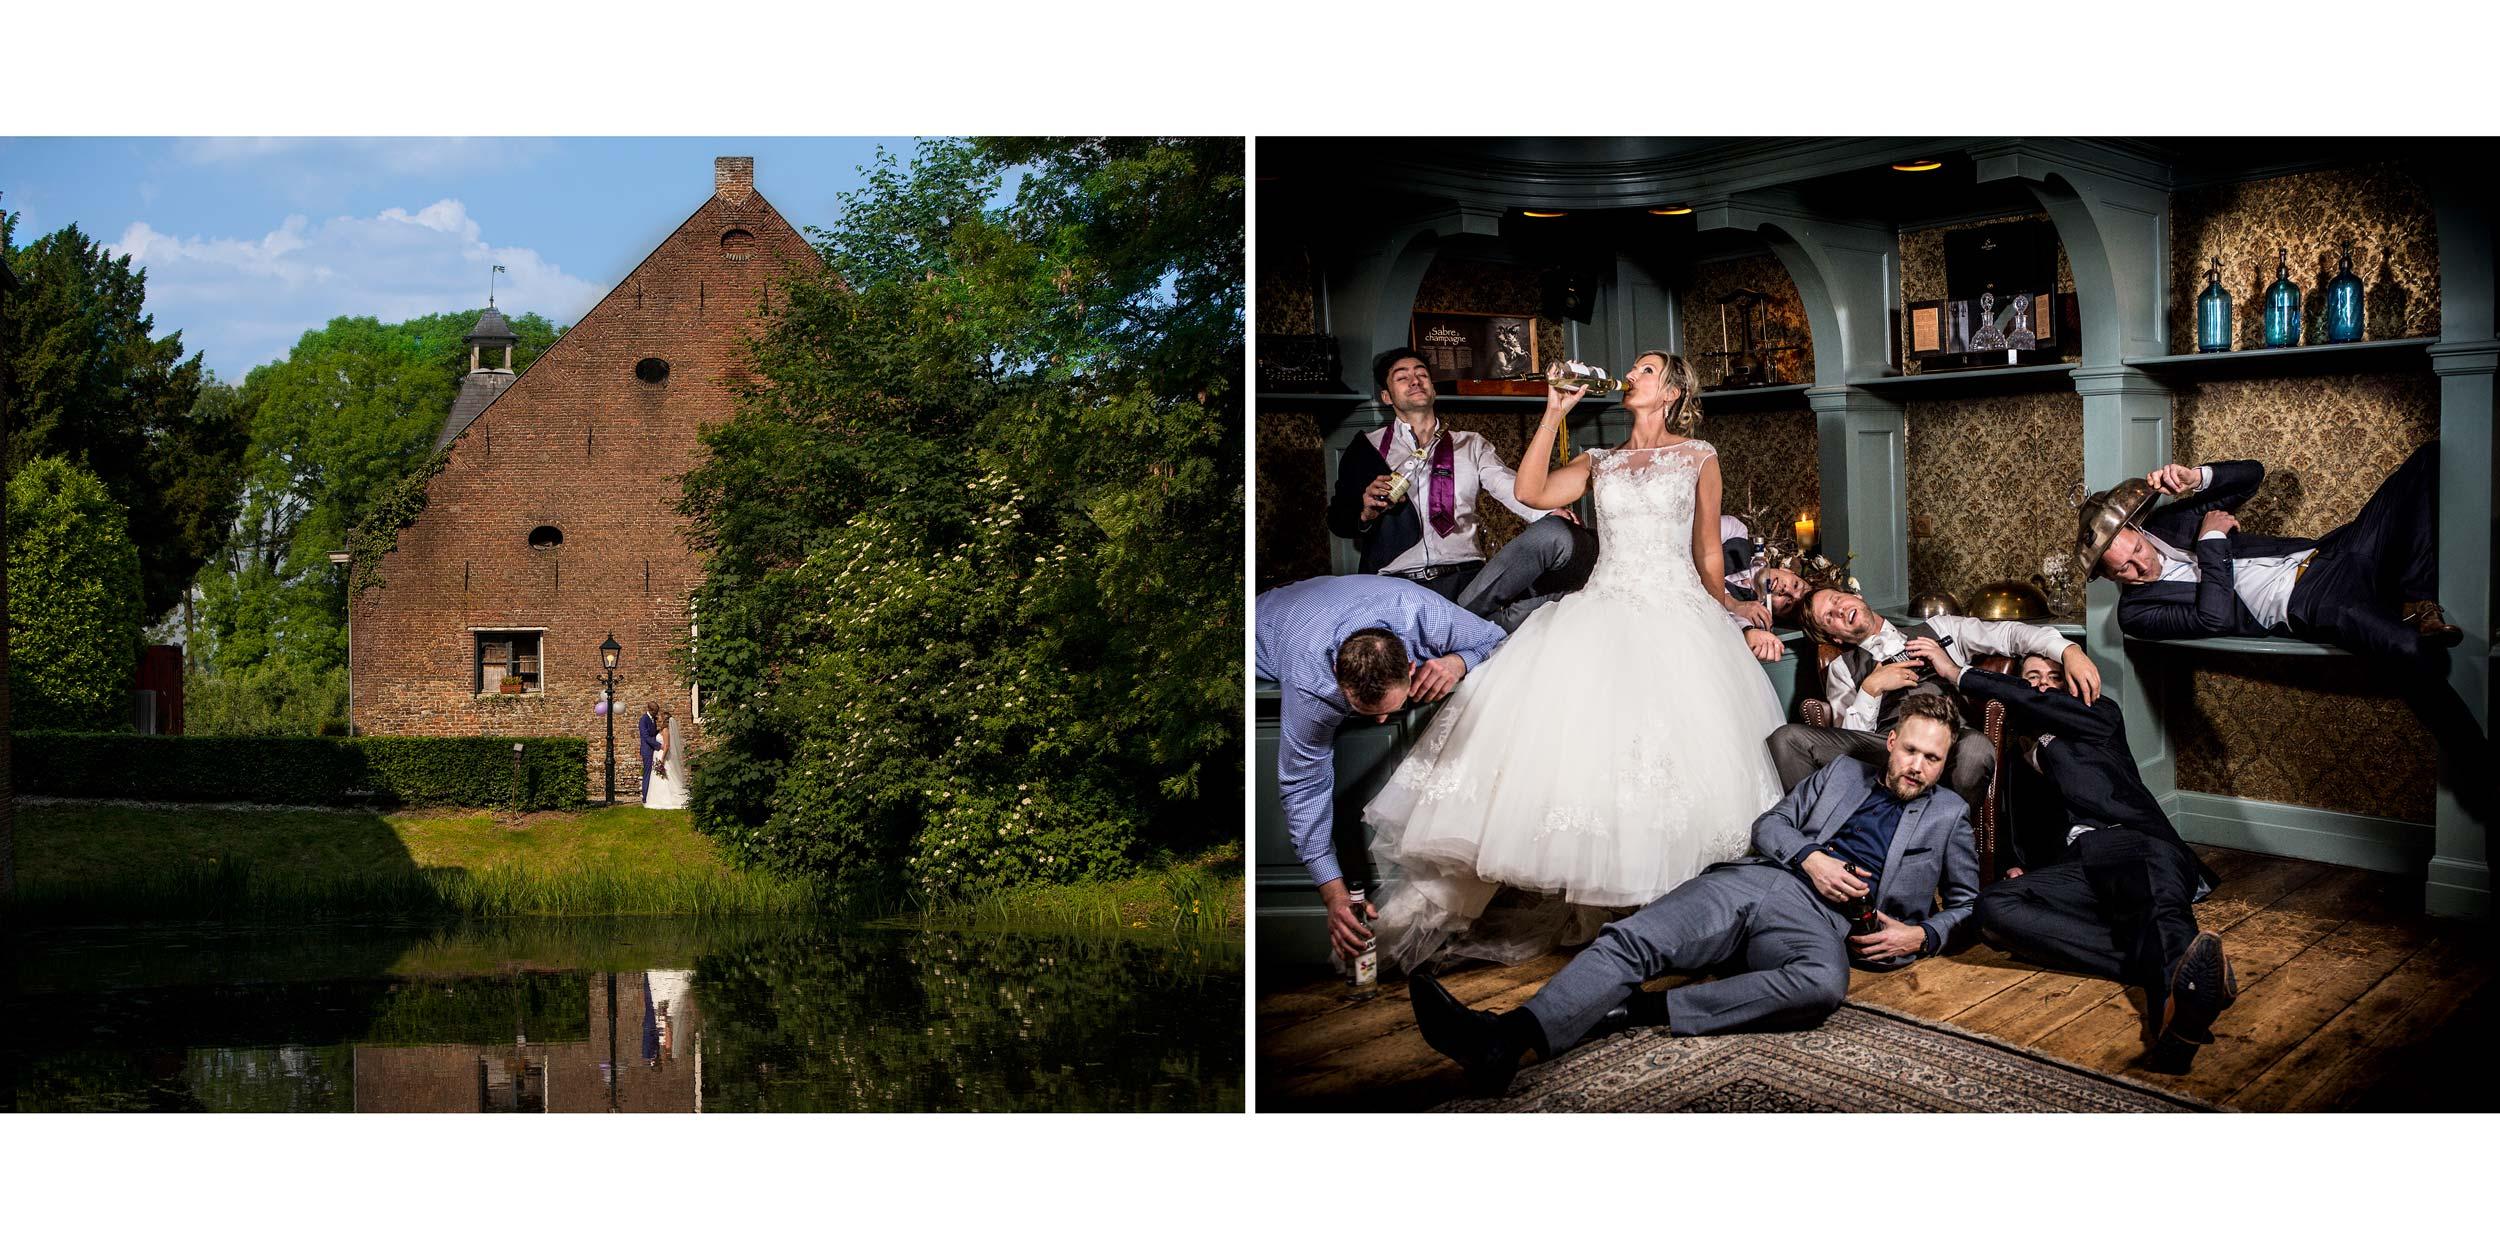 027_trouwen_voorbeeld_album_kasteel_wijenburg_bruiloft_trouwlocatie_trouwinspiratie